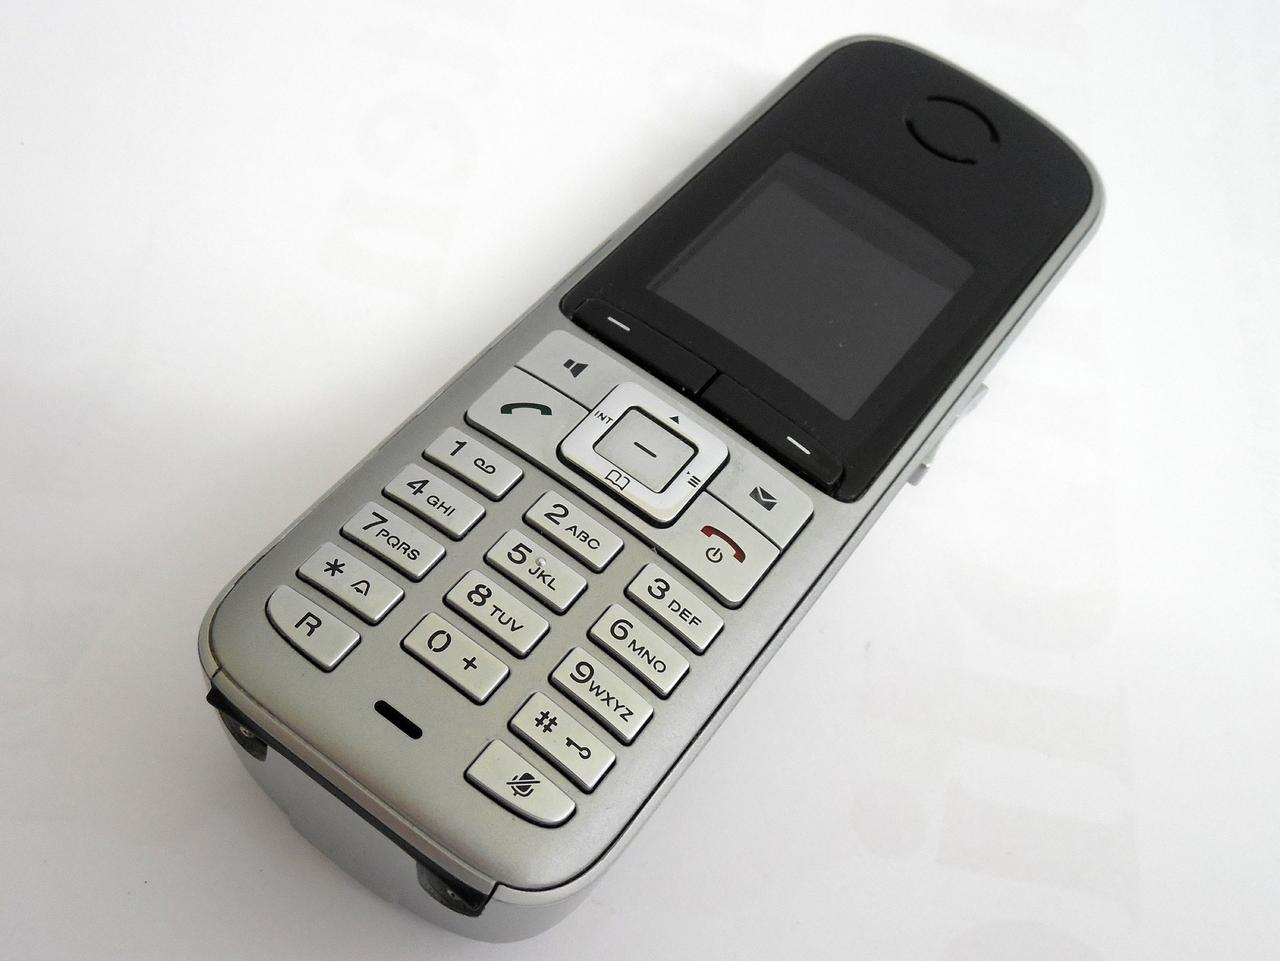 Nach Streit: Mann übers Telefon bedroht